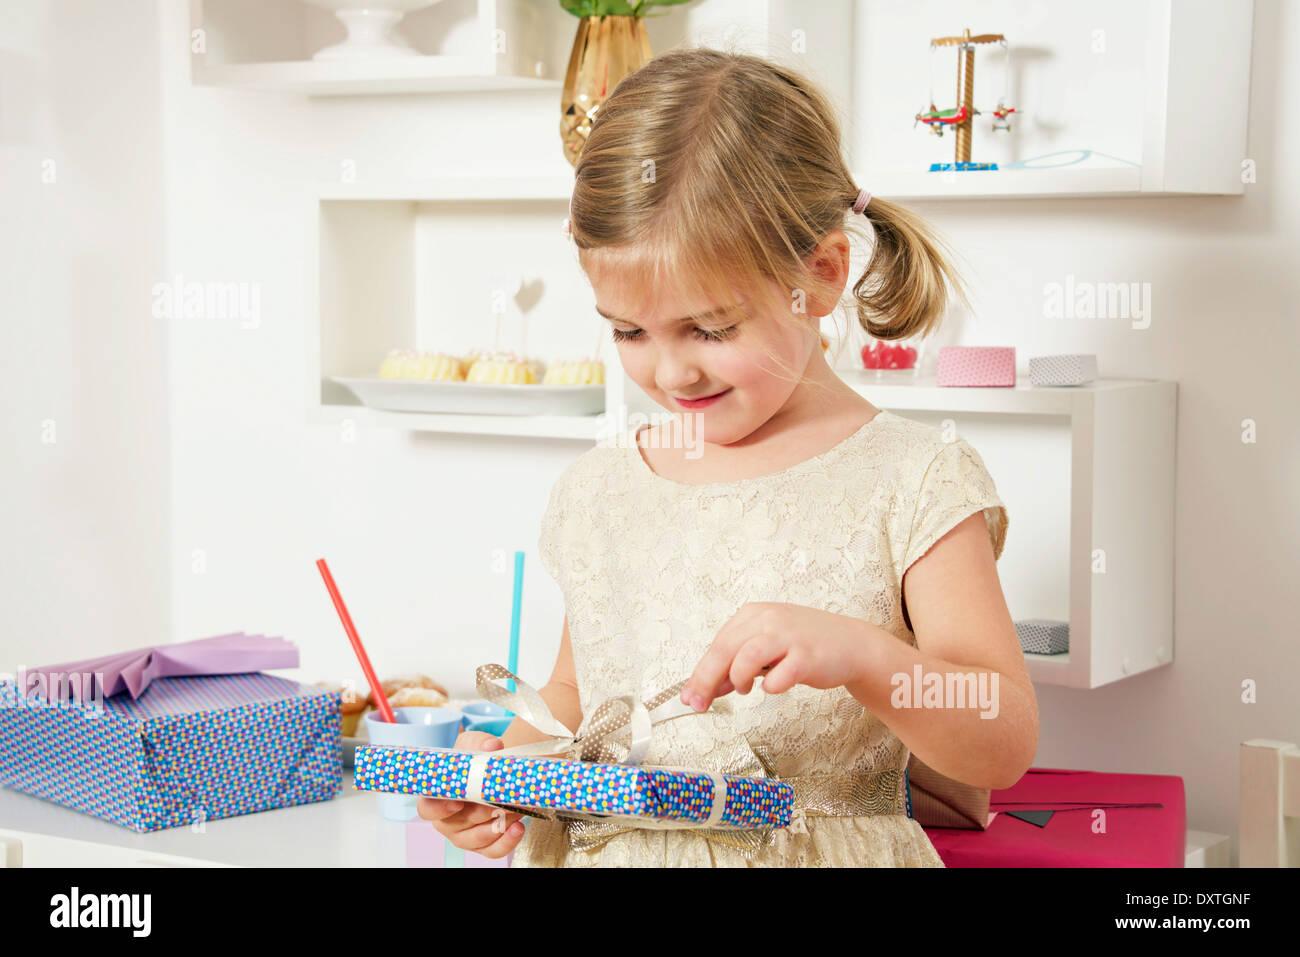 Chica de cumpleaños desenvolver presente, Munich, Baviera, Alemania Imagen De Stock